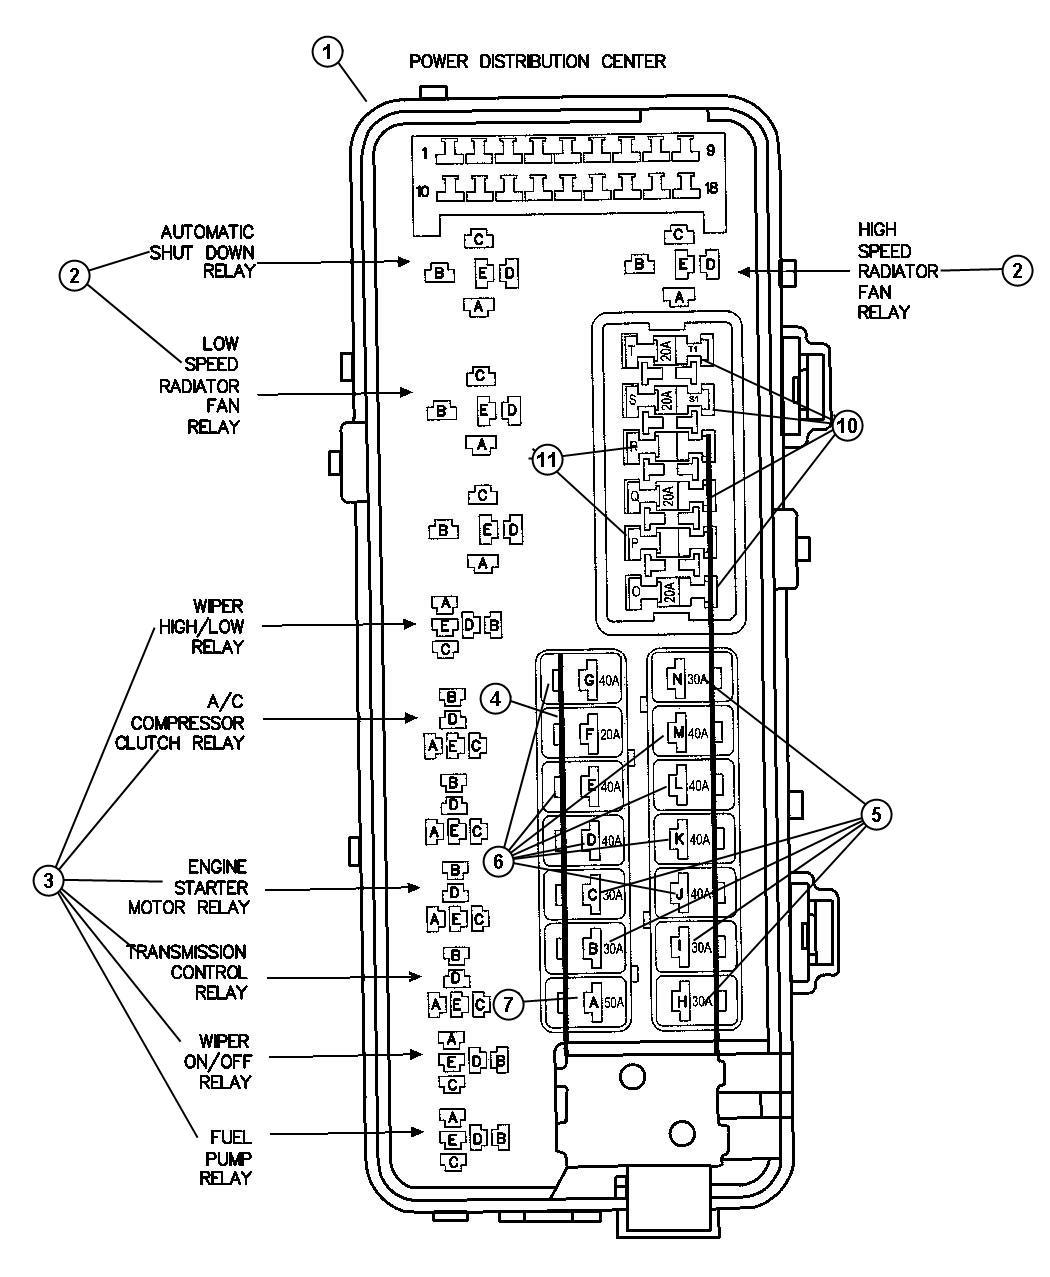 Chrysler 300 Power Distribution Center